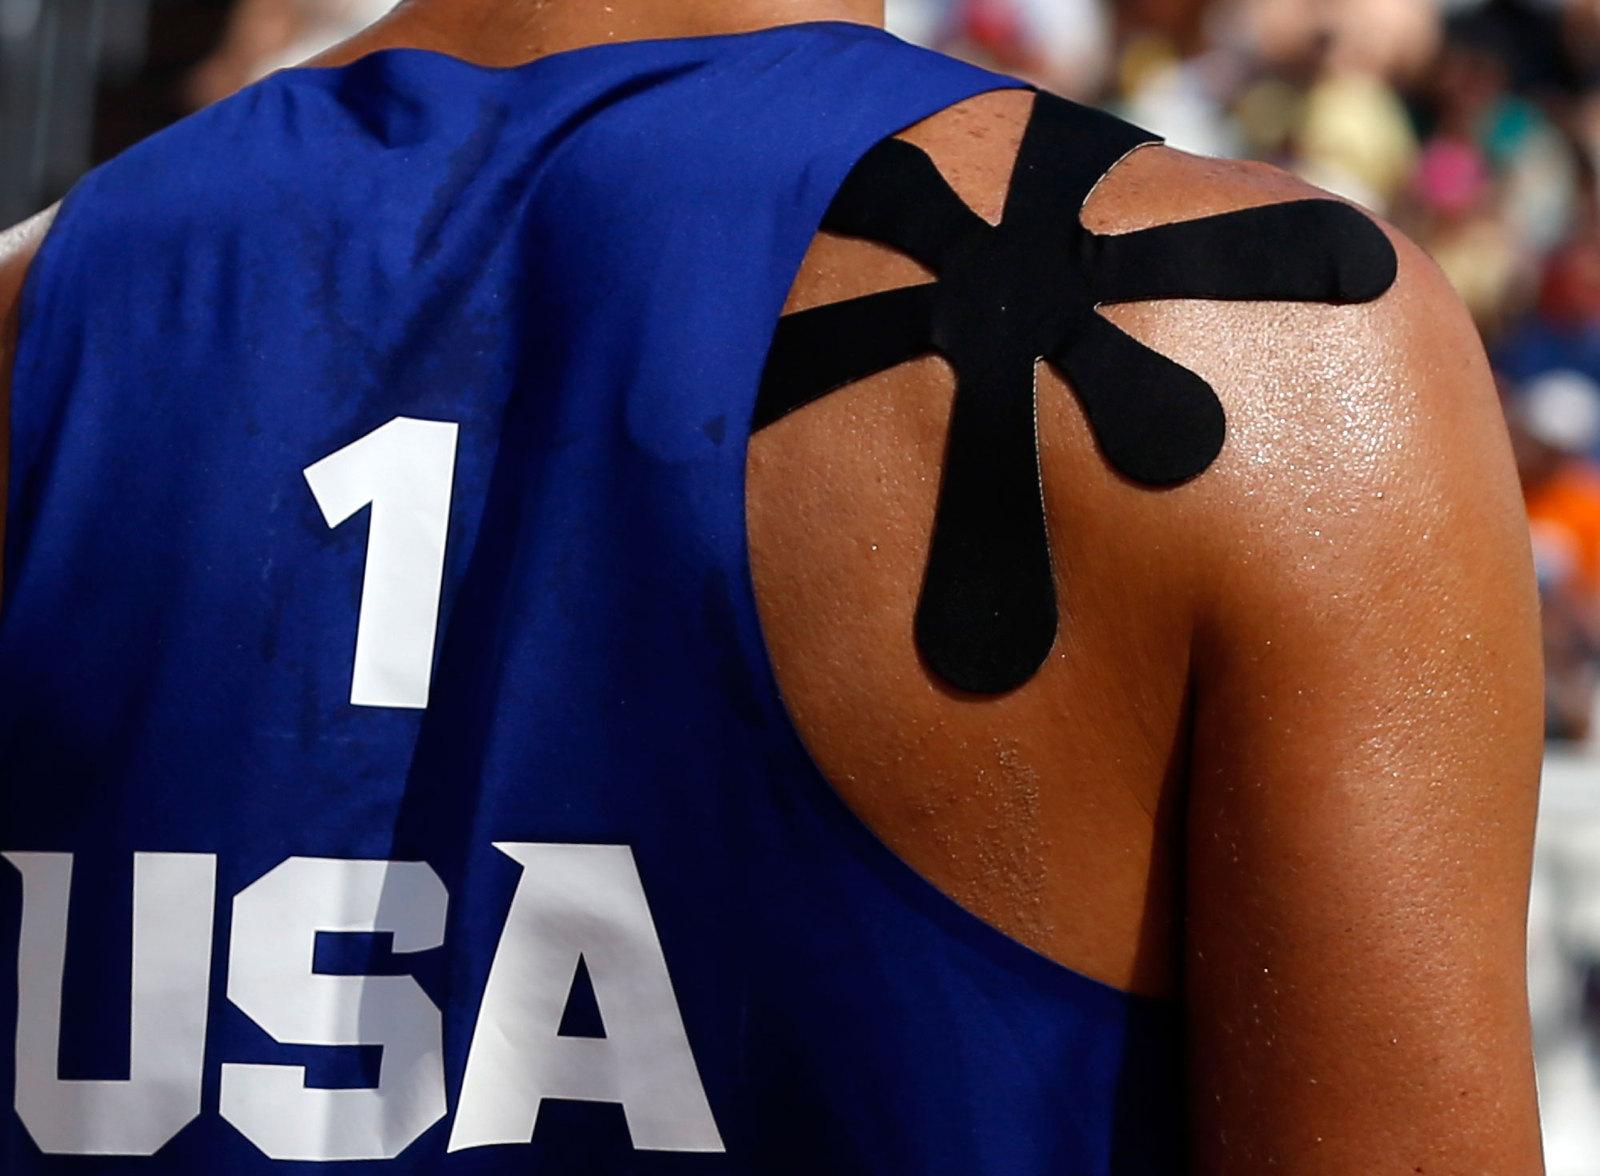 Спина пляжного волейболиста Фила Далхауссера со специальным пластырем необычной форсы, который используют при растяжениях и травмах